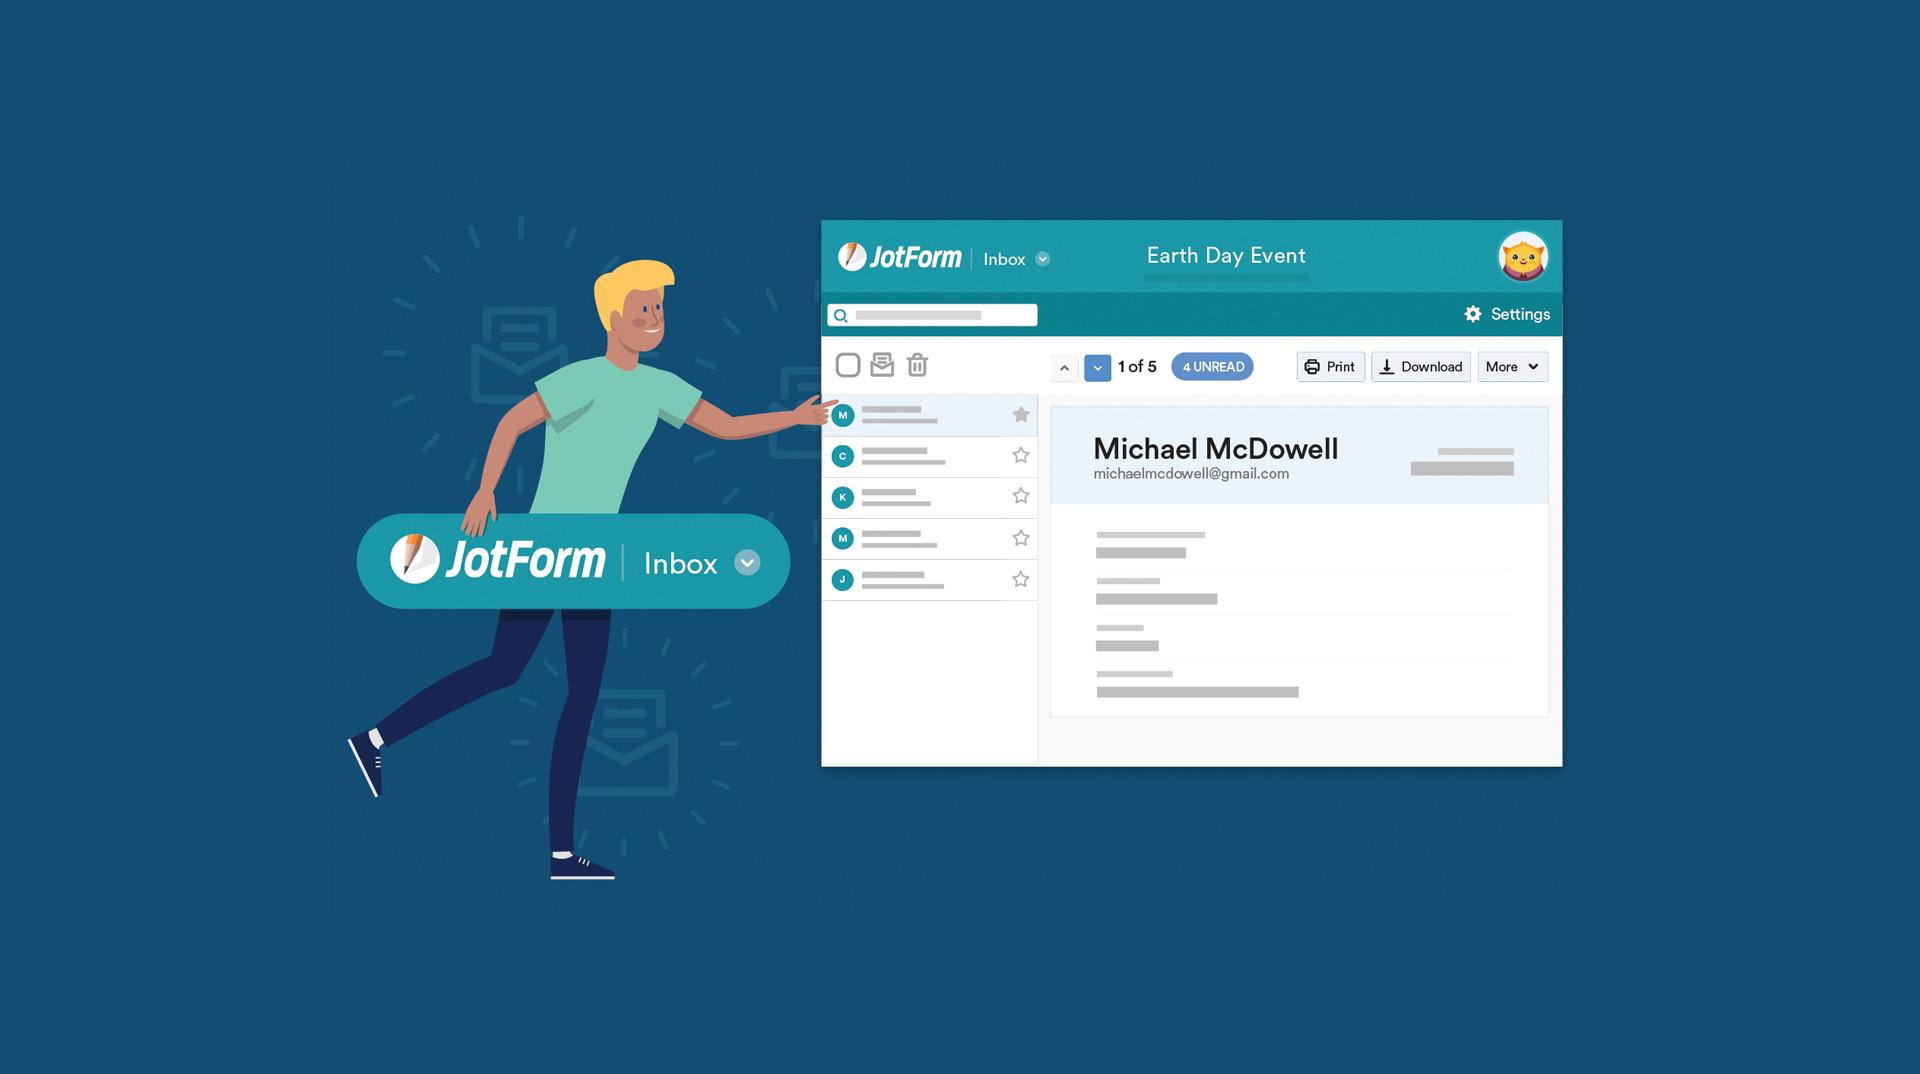 jotform-inbox-hero